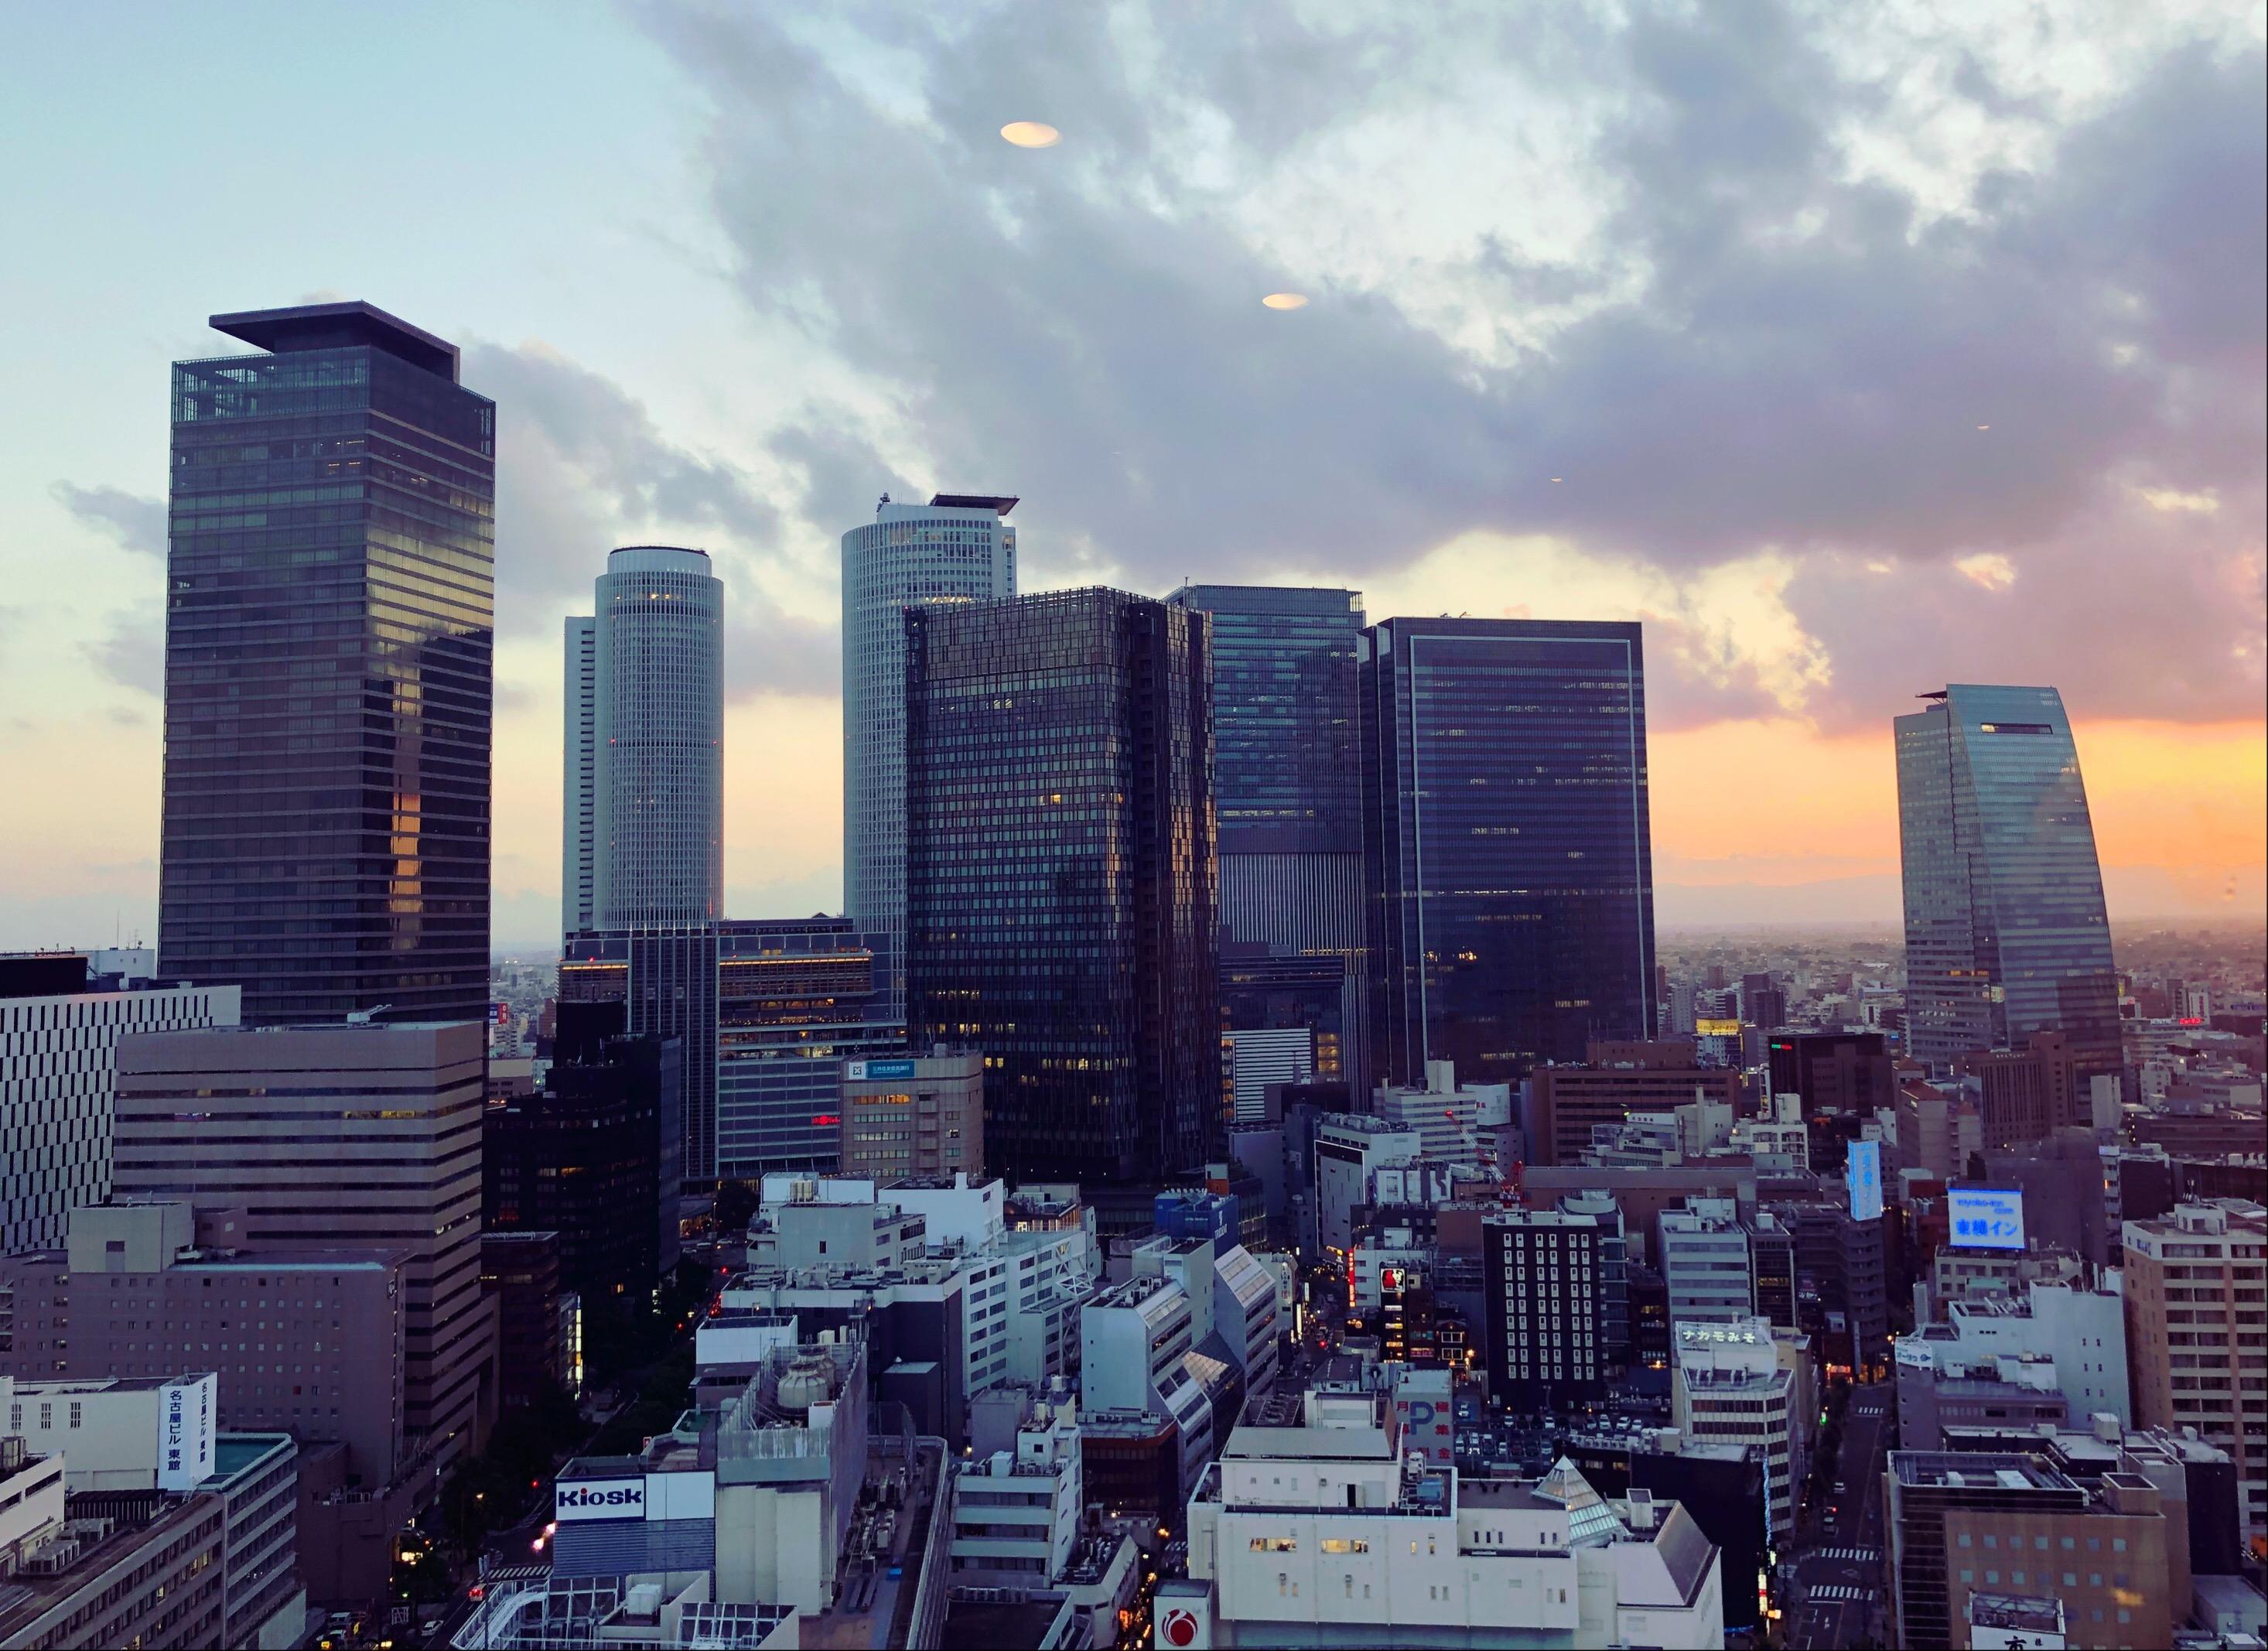 名古屋駅のビル群が見渡せる東天紅国際センタービル店